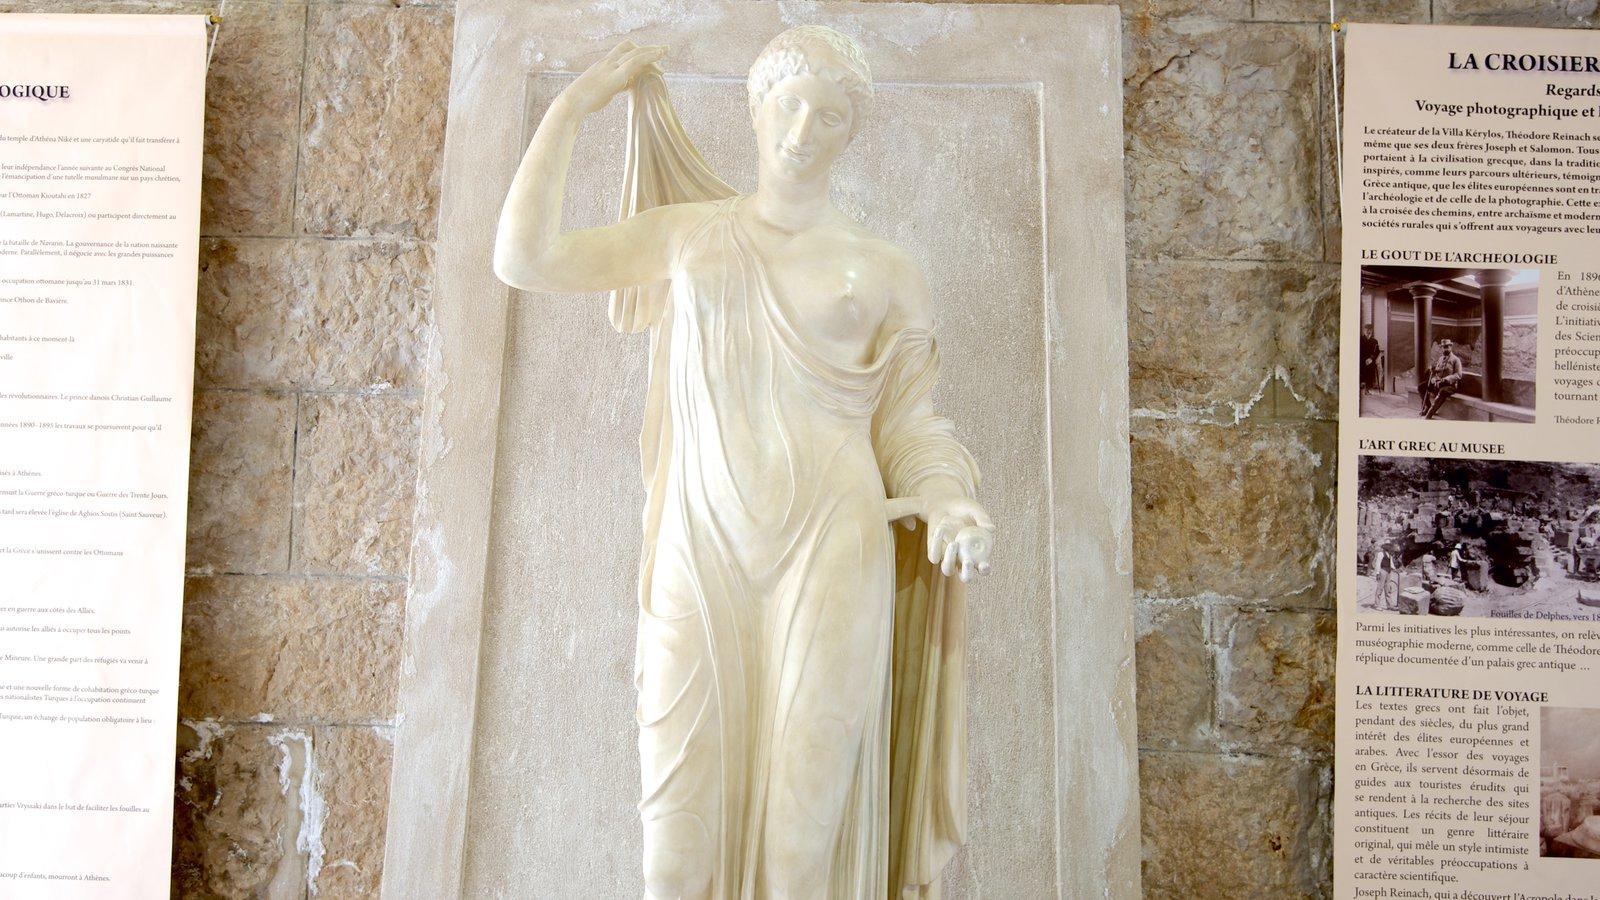 Villa Kerylos caracterizando uma estátua ou escultura